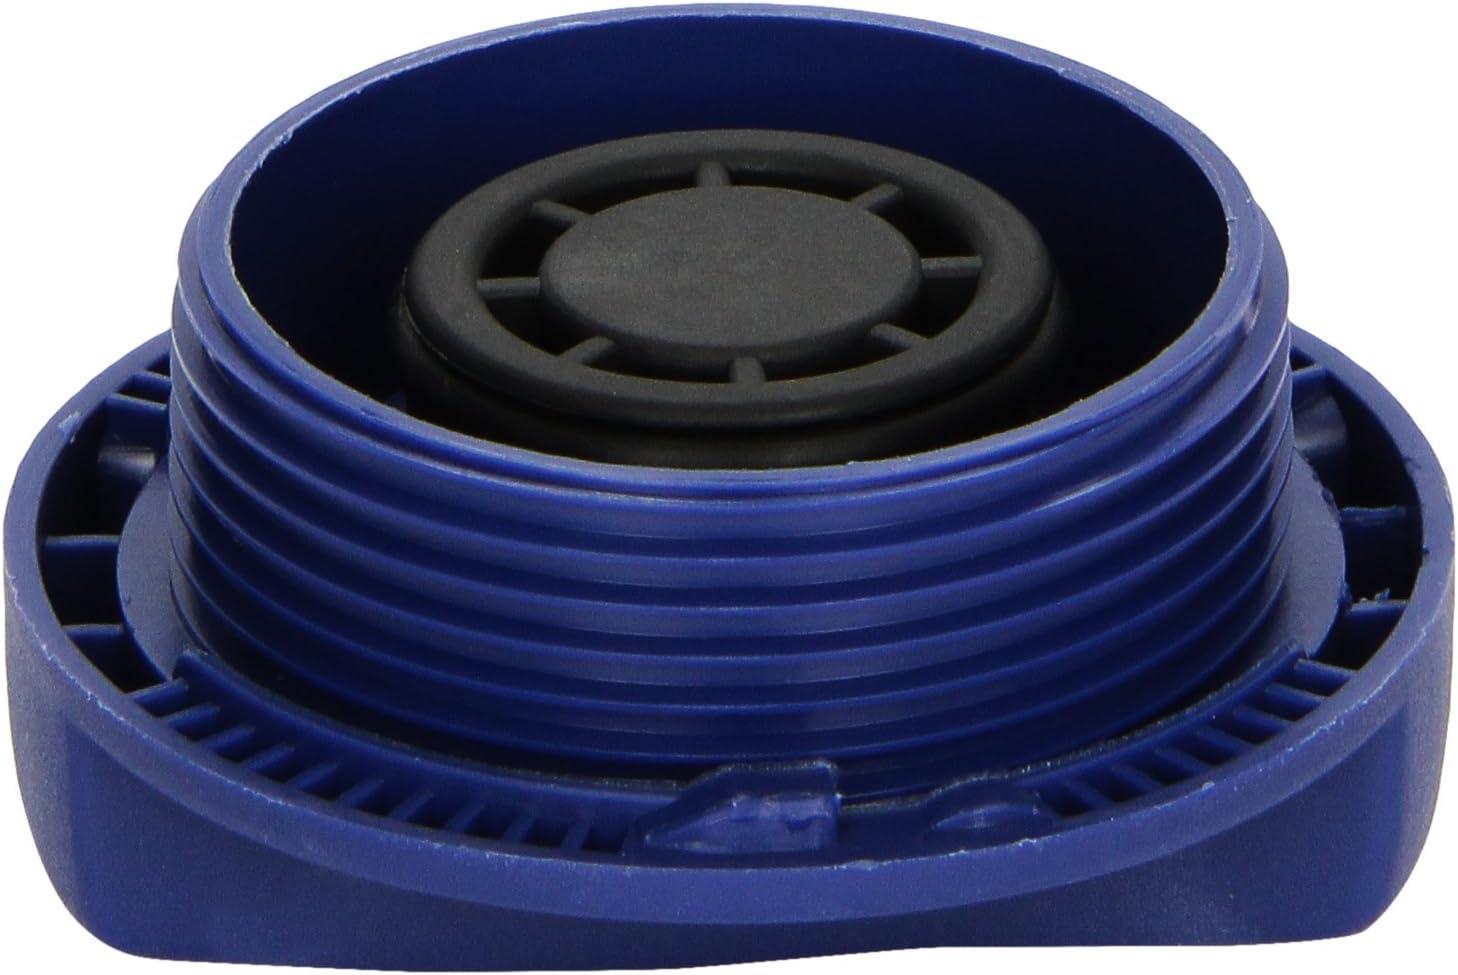 Triscan 8610 23 Verschlussdeckel Kühlmittelbehälter Auto